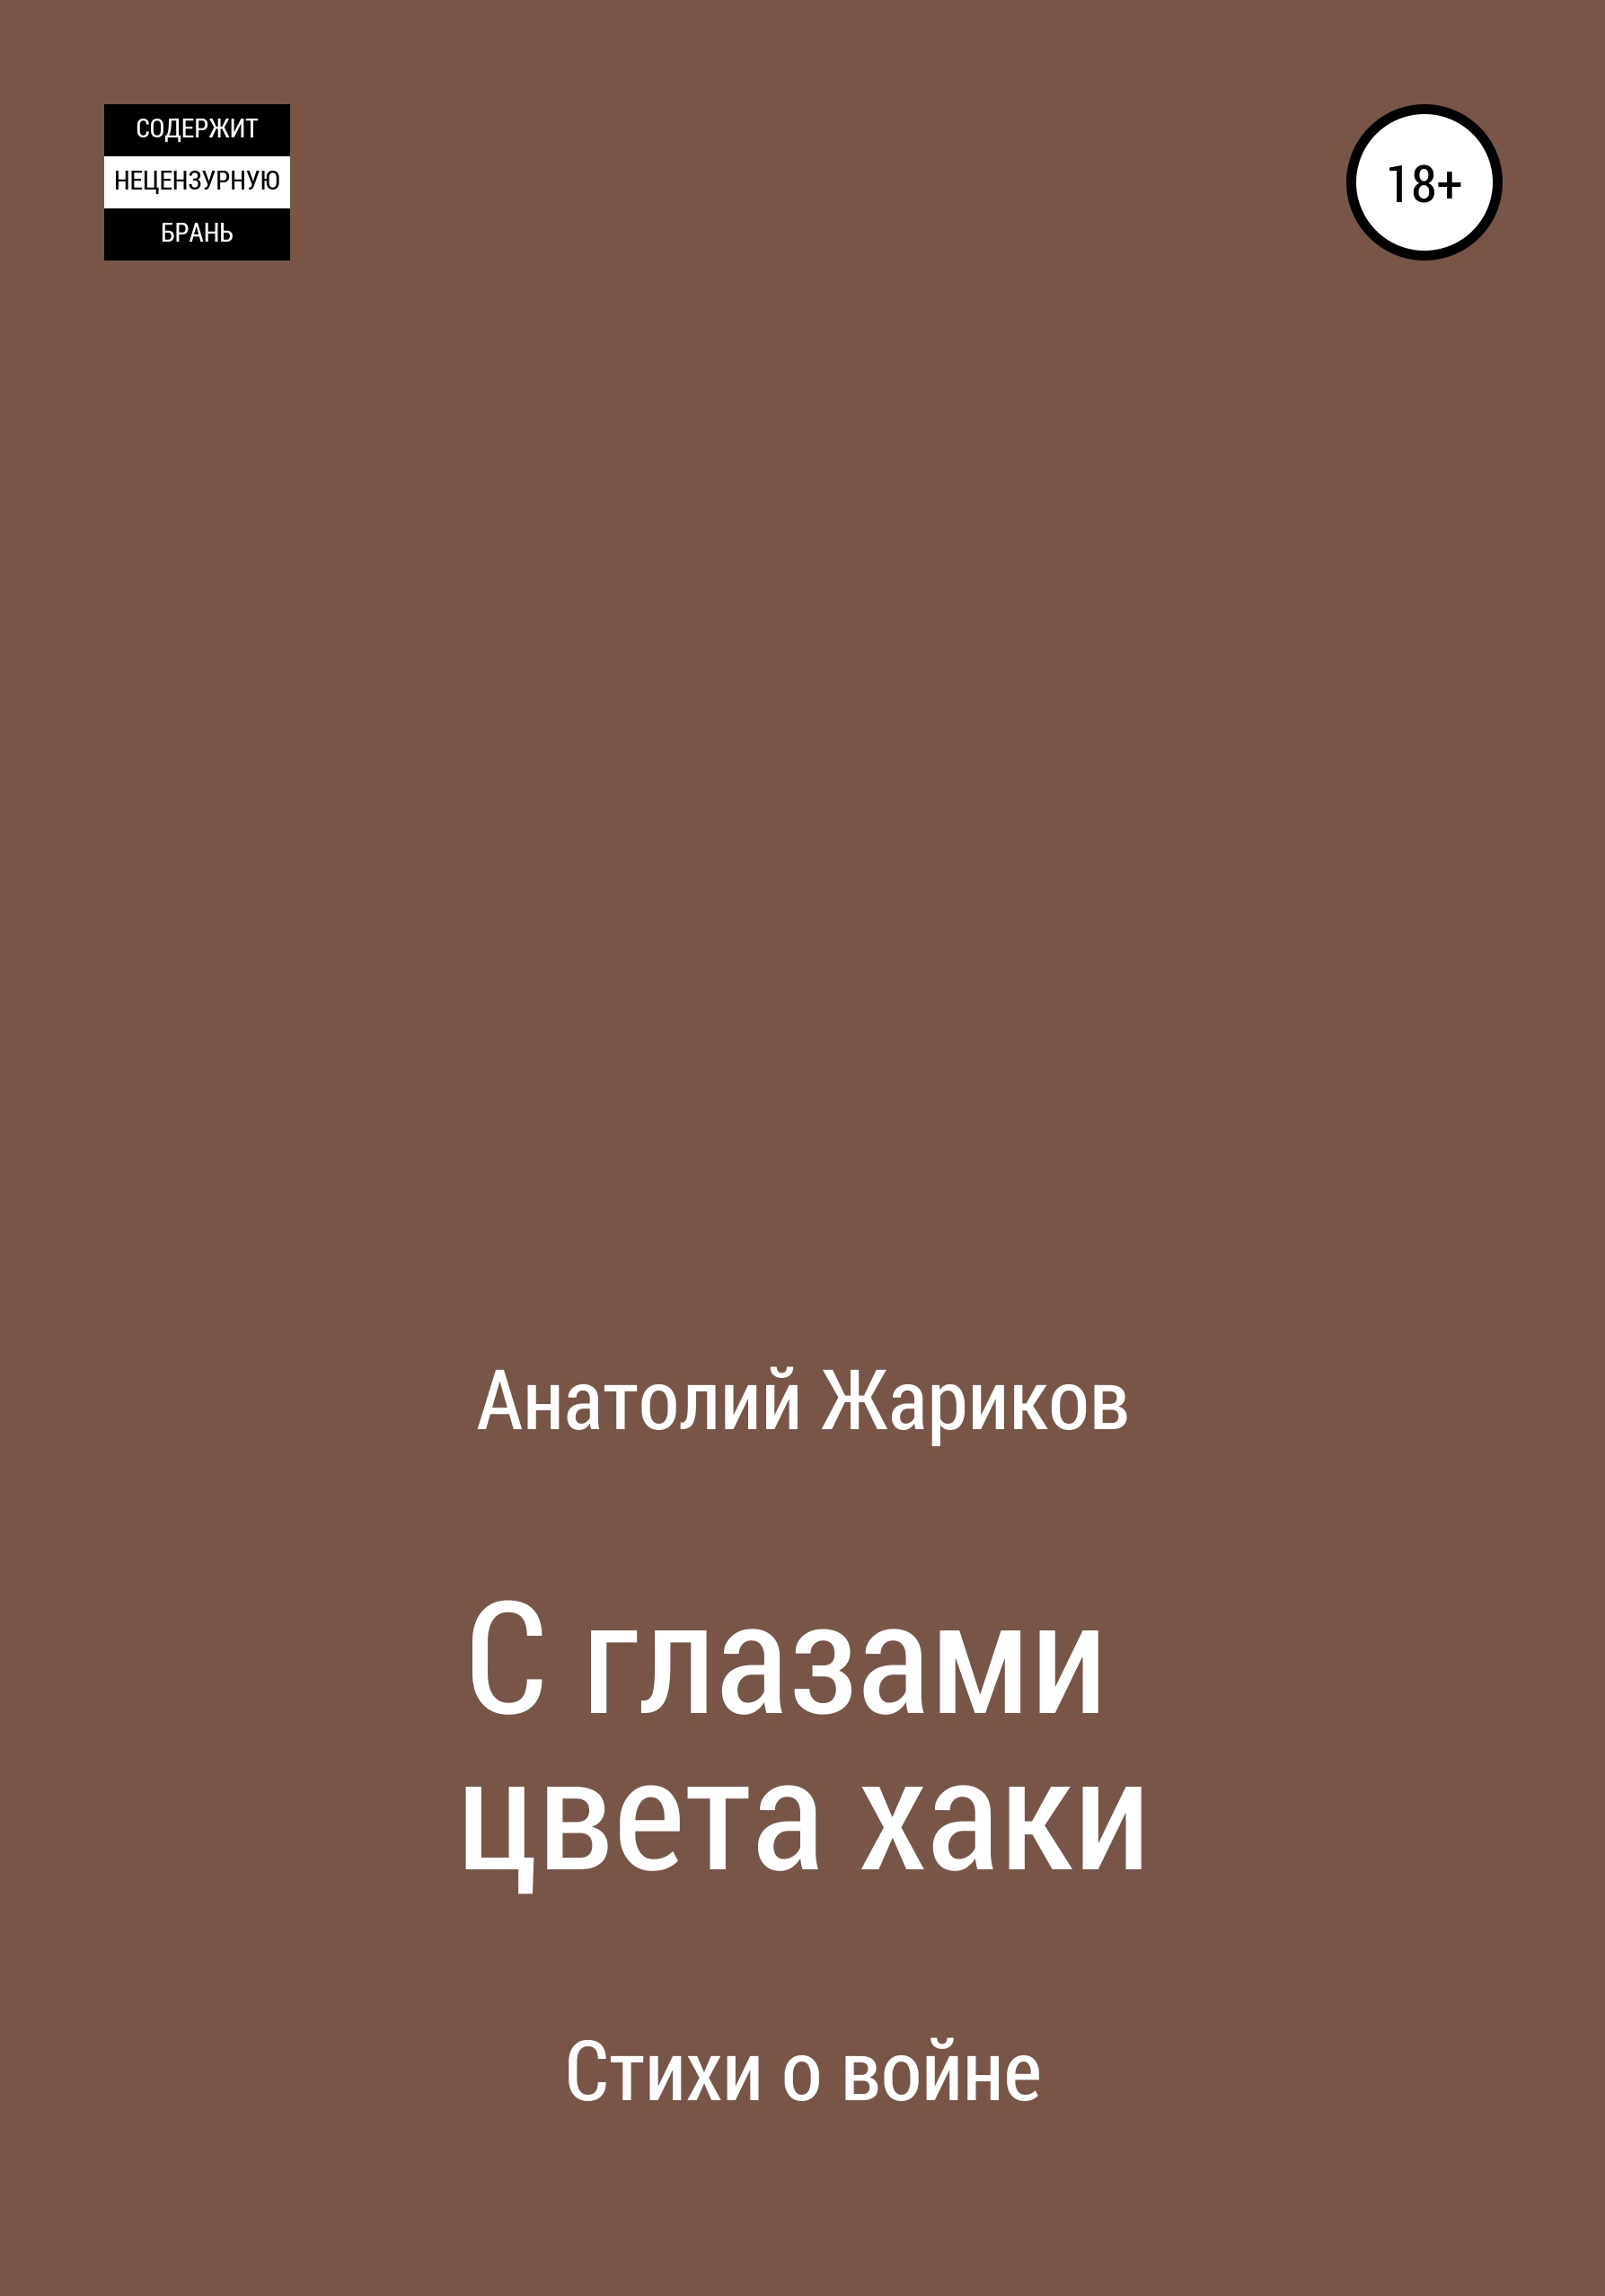 Анатолий Жариков С глазами цвета хаки мои друзья в лесу пушистики